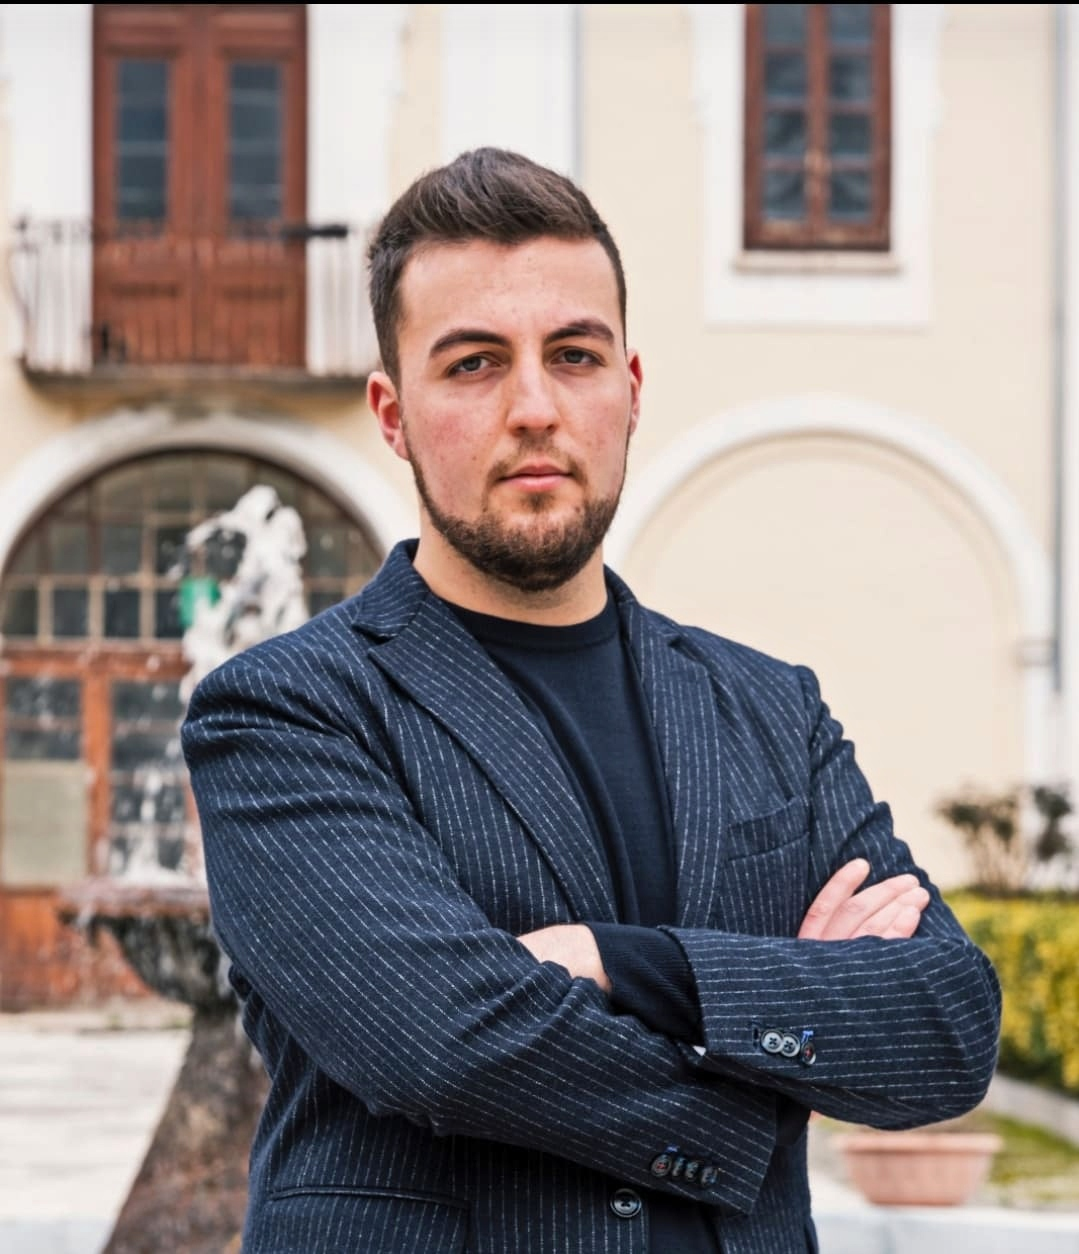 Vincenzo Fiore